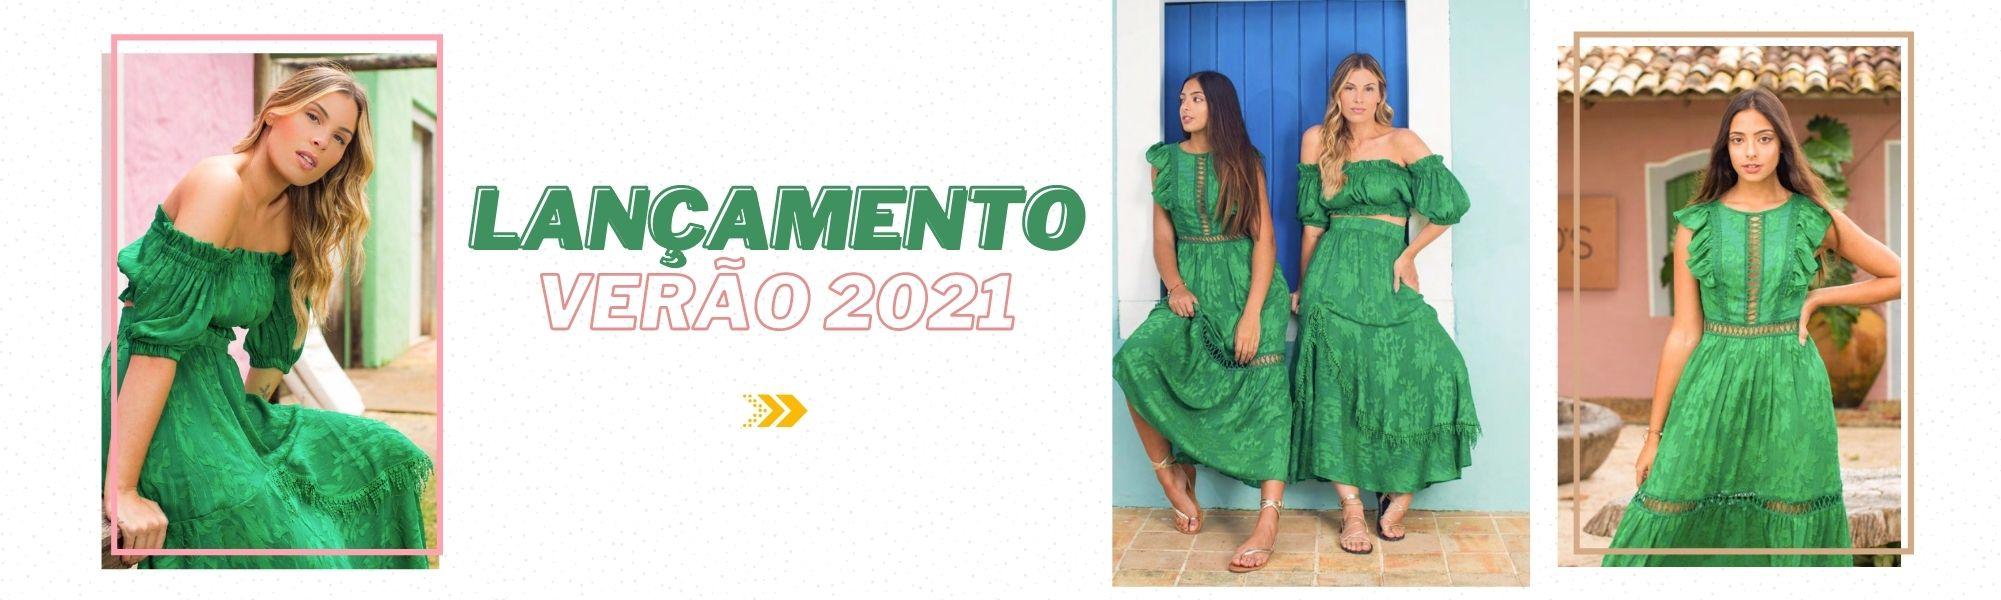 #Lançamento Verão 2021